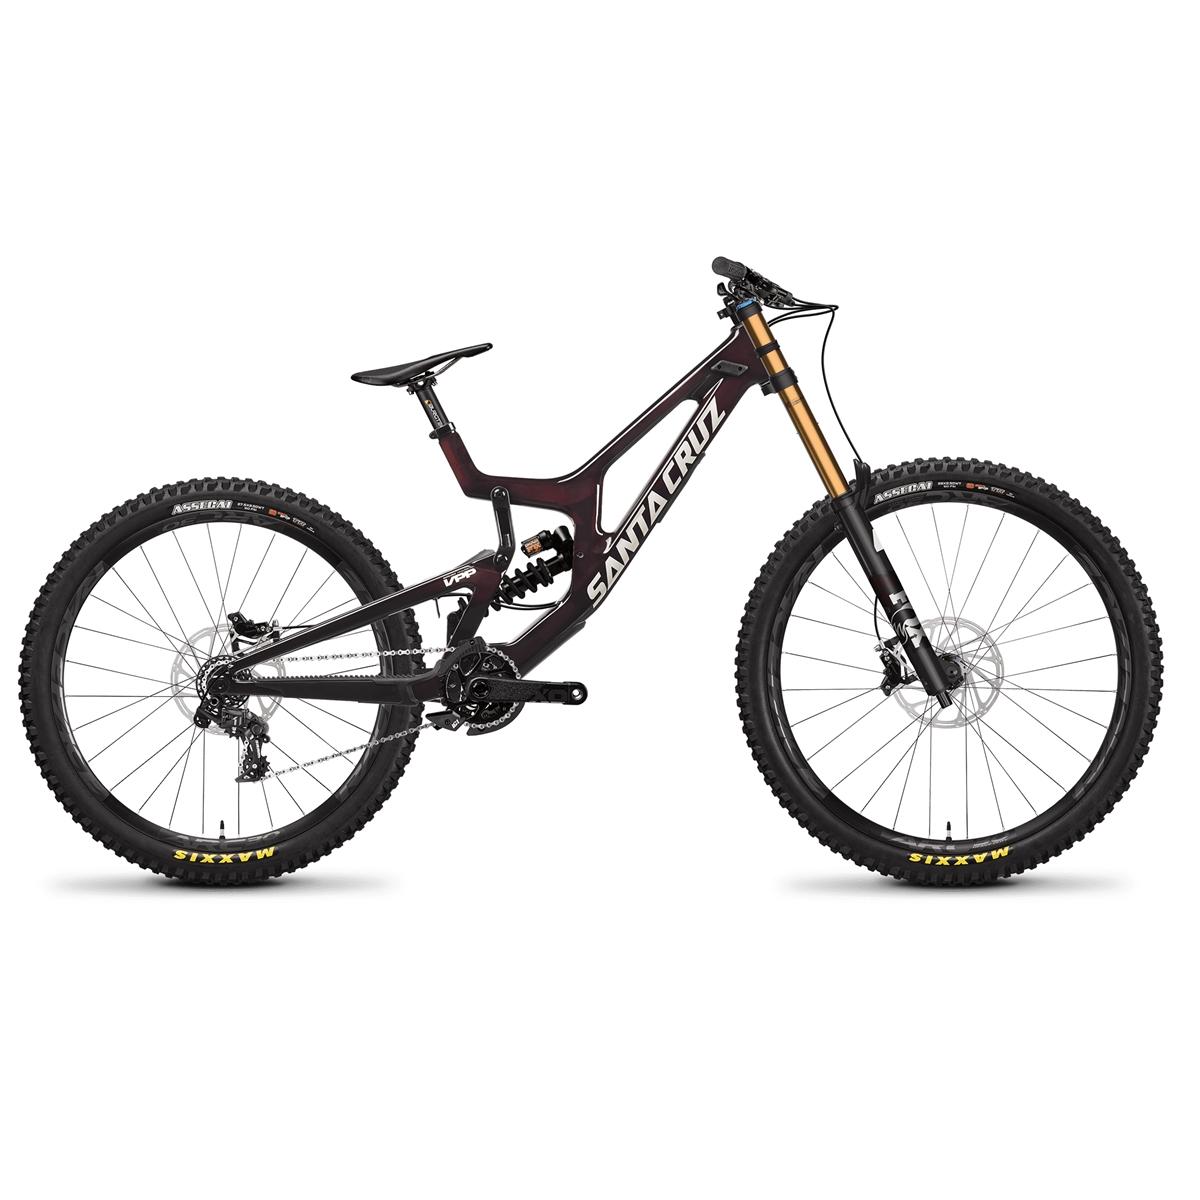 V10 Carbon CC DH X01 Mix 29''/27.5'' 7s 203mm Oxblood 2021 Size M